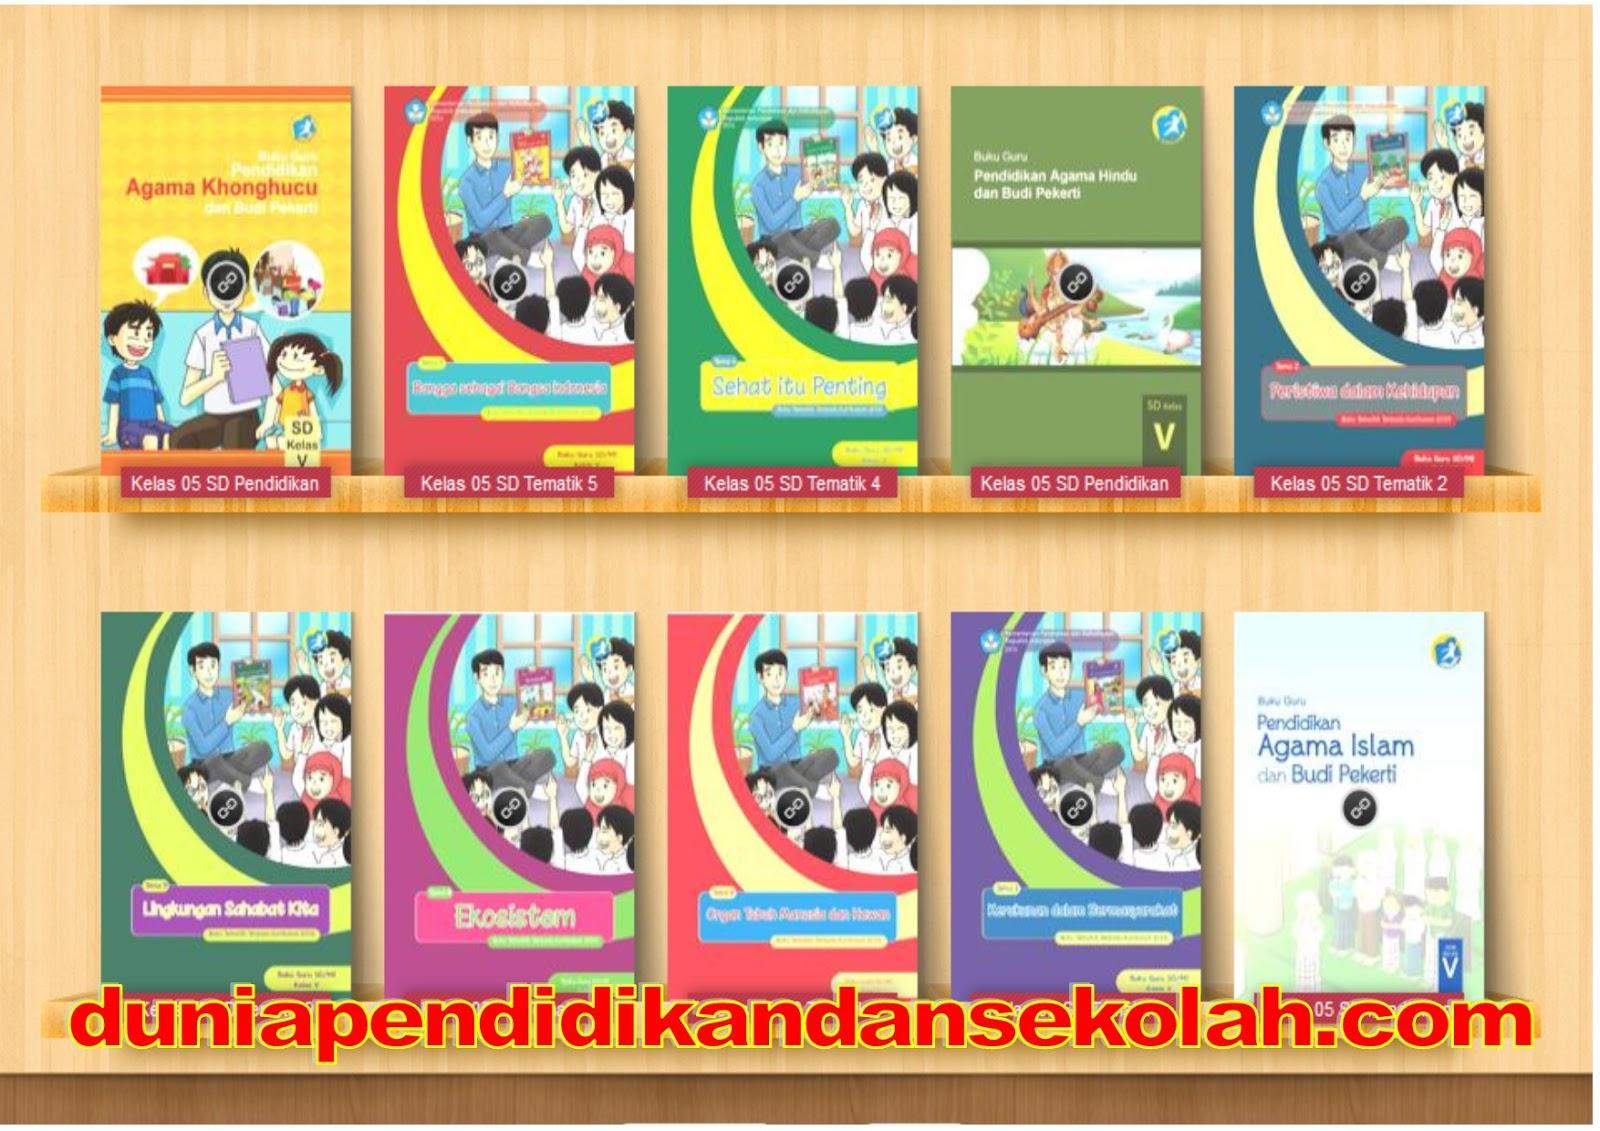 Download Lengkap Rpp Buku Siswa Dan Buku Guru Serta Perangkat Pembelajaran Lainnya Kelas 1 6